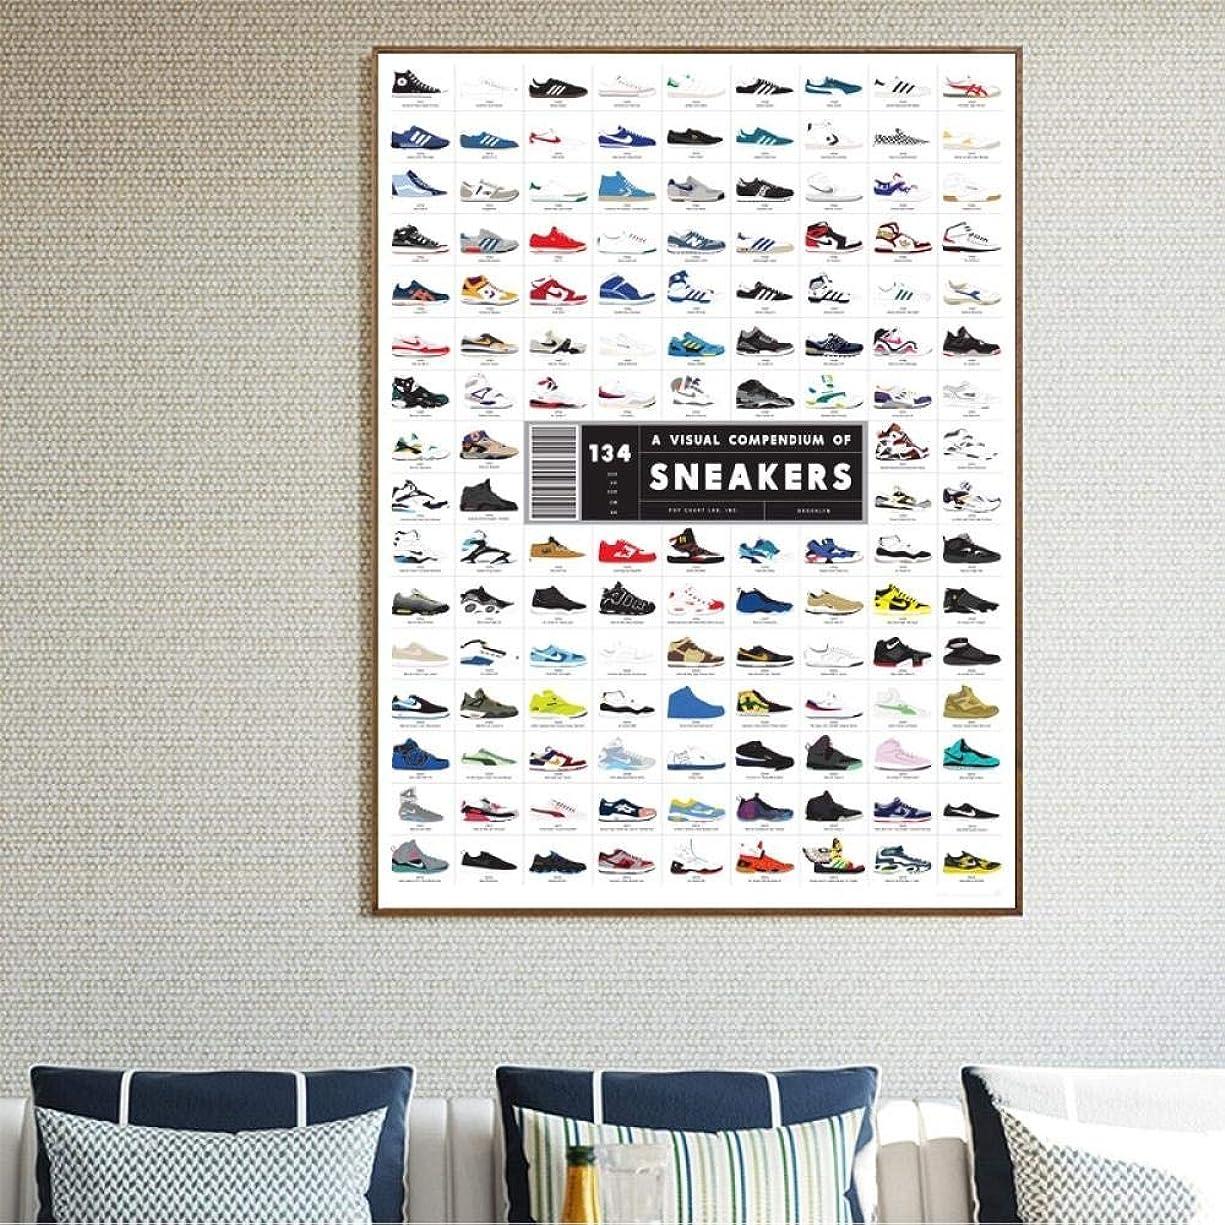 パワーセルサーバここにkldfig スニーカーの視覚的概要チャートアートキャンバスポスタープリント家の壁の装飾絵画-50x75cm非フレーム